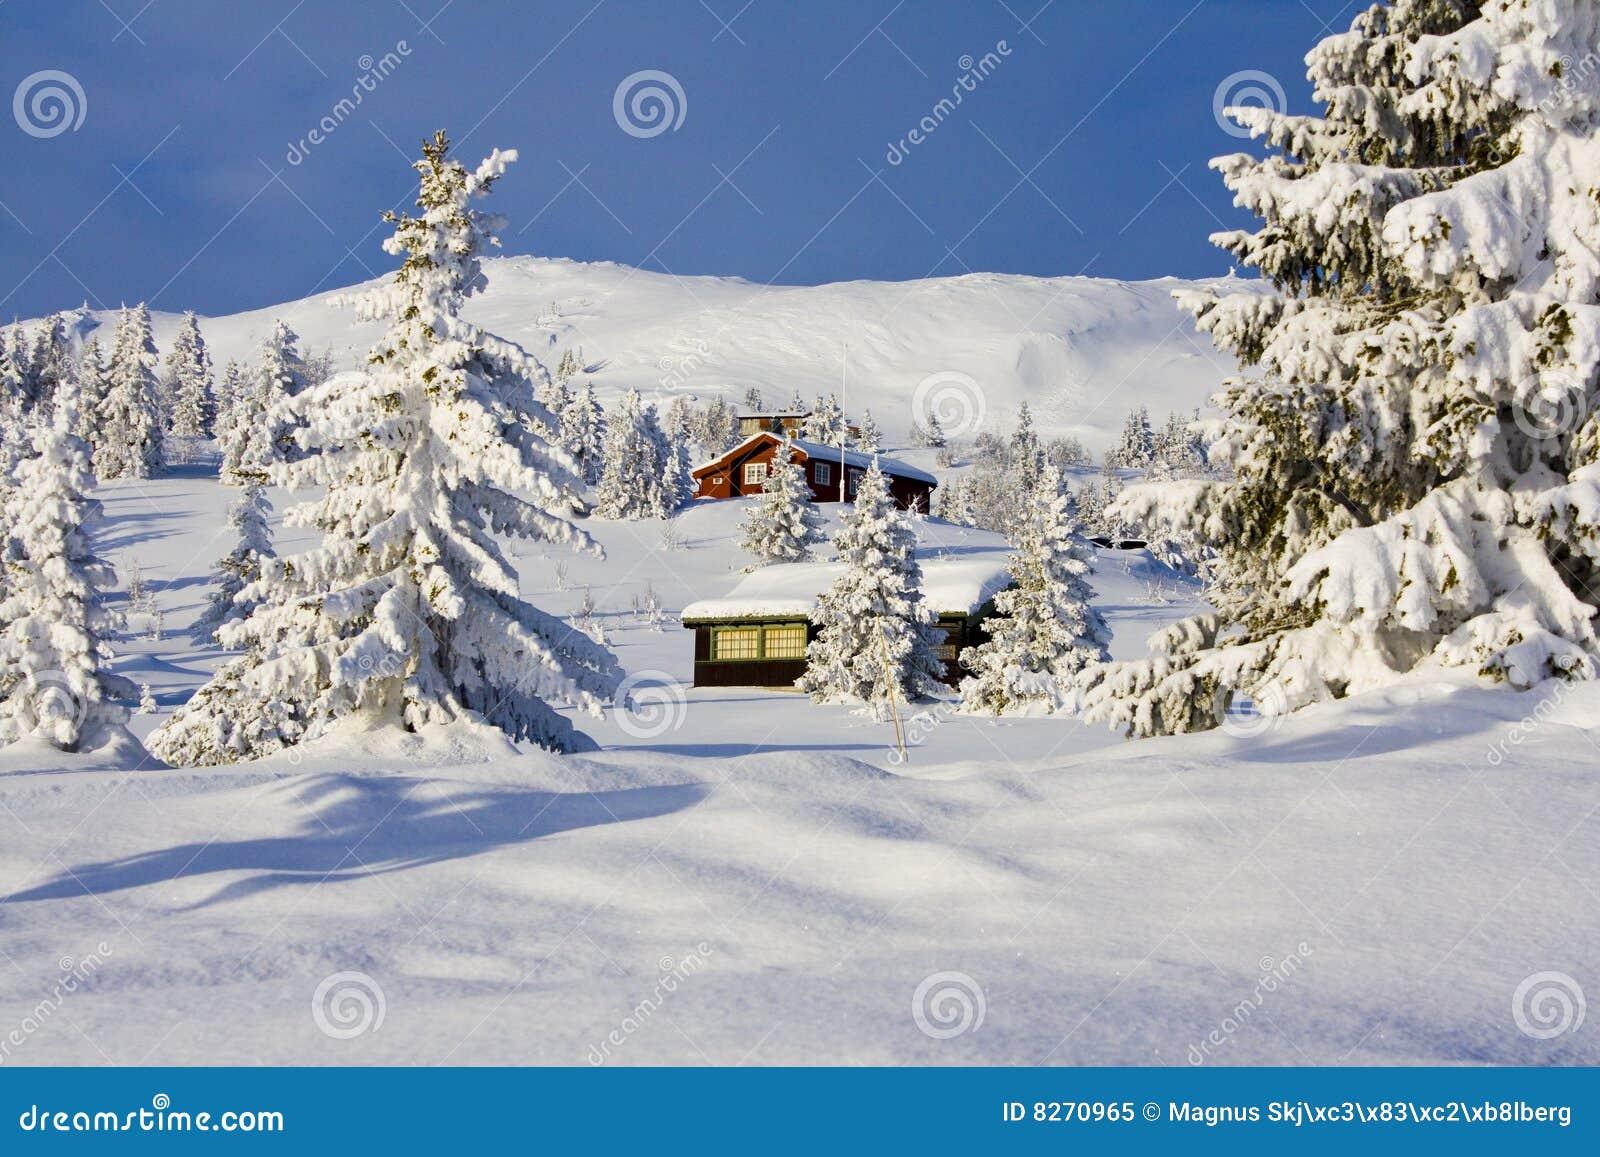 wei es kabine weihnachten lizenzfreies stockfoto bild. Black Bedroom Furniture Sets. Home Design Ideas